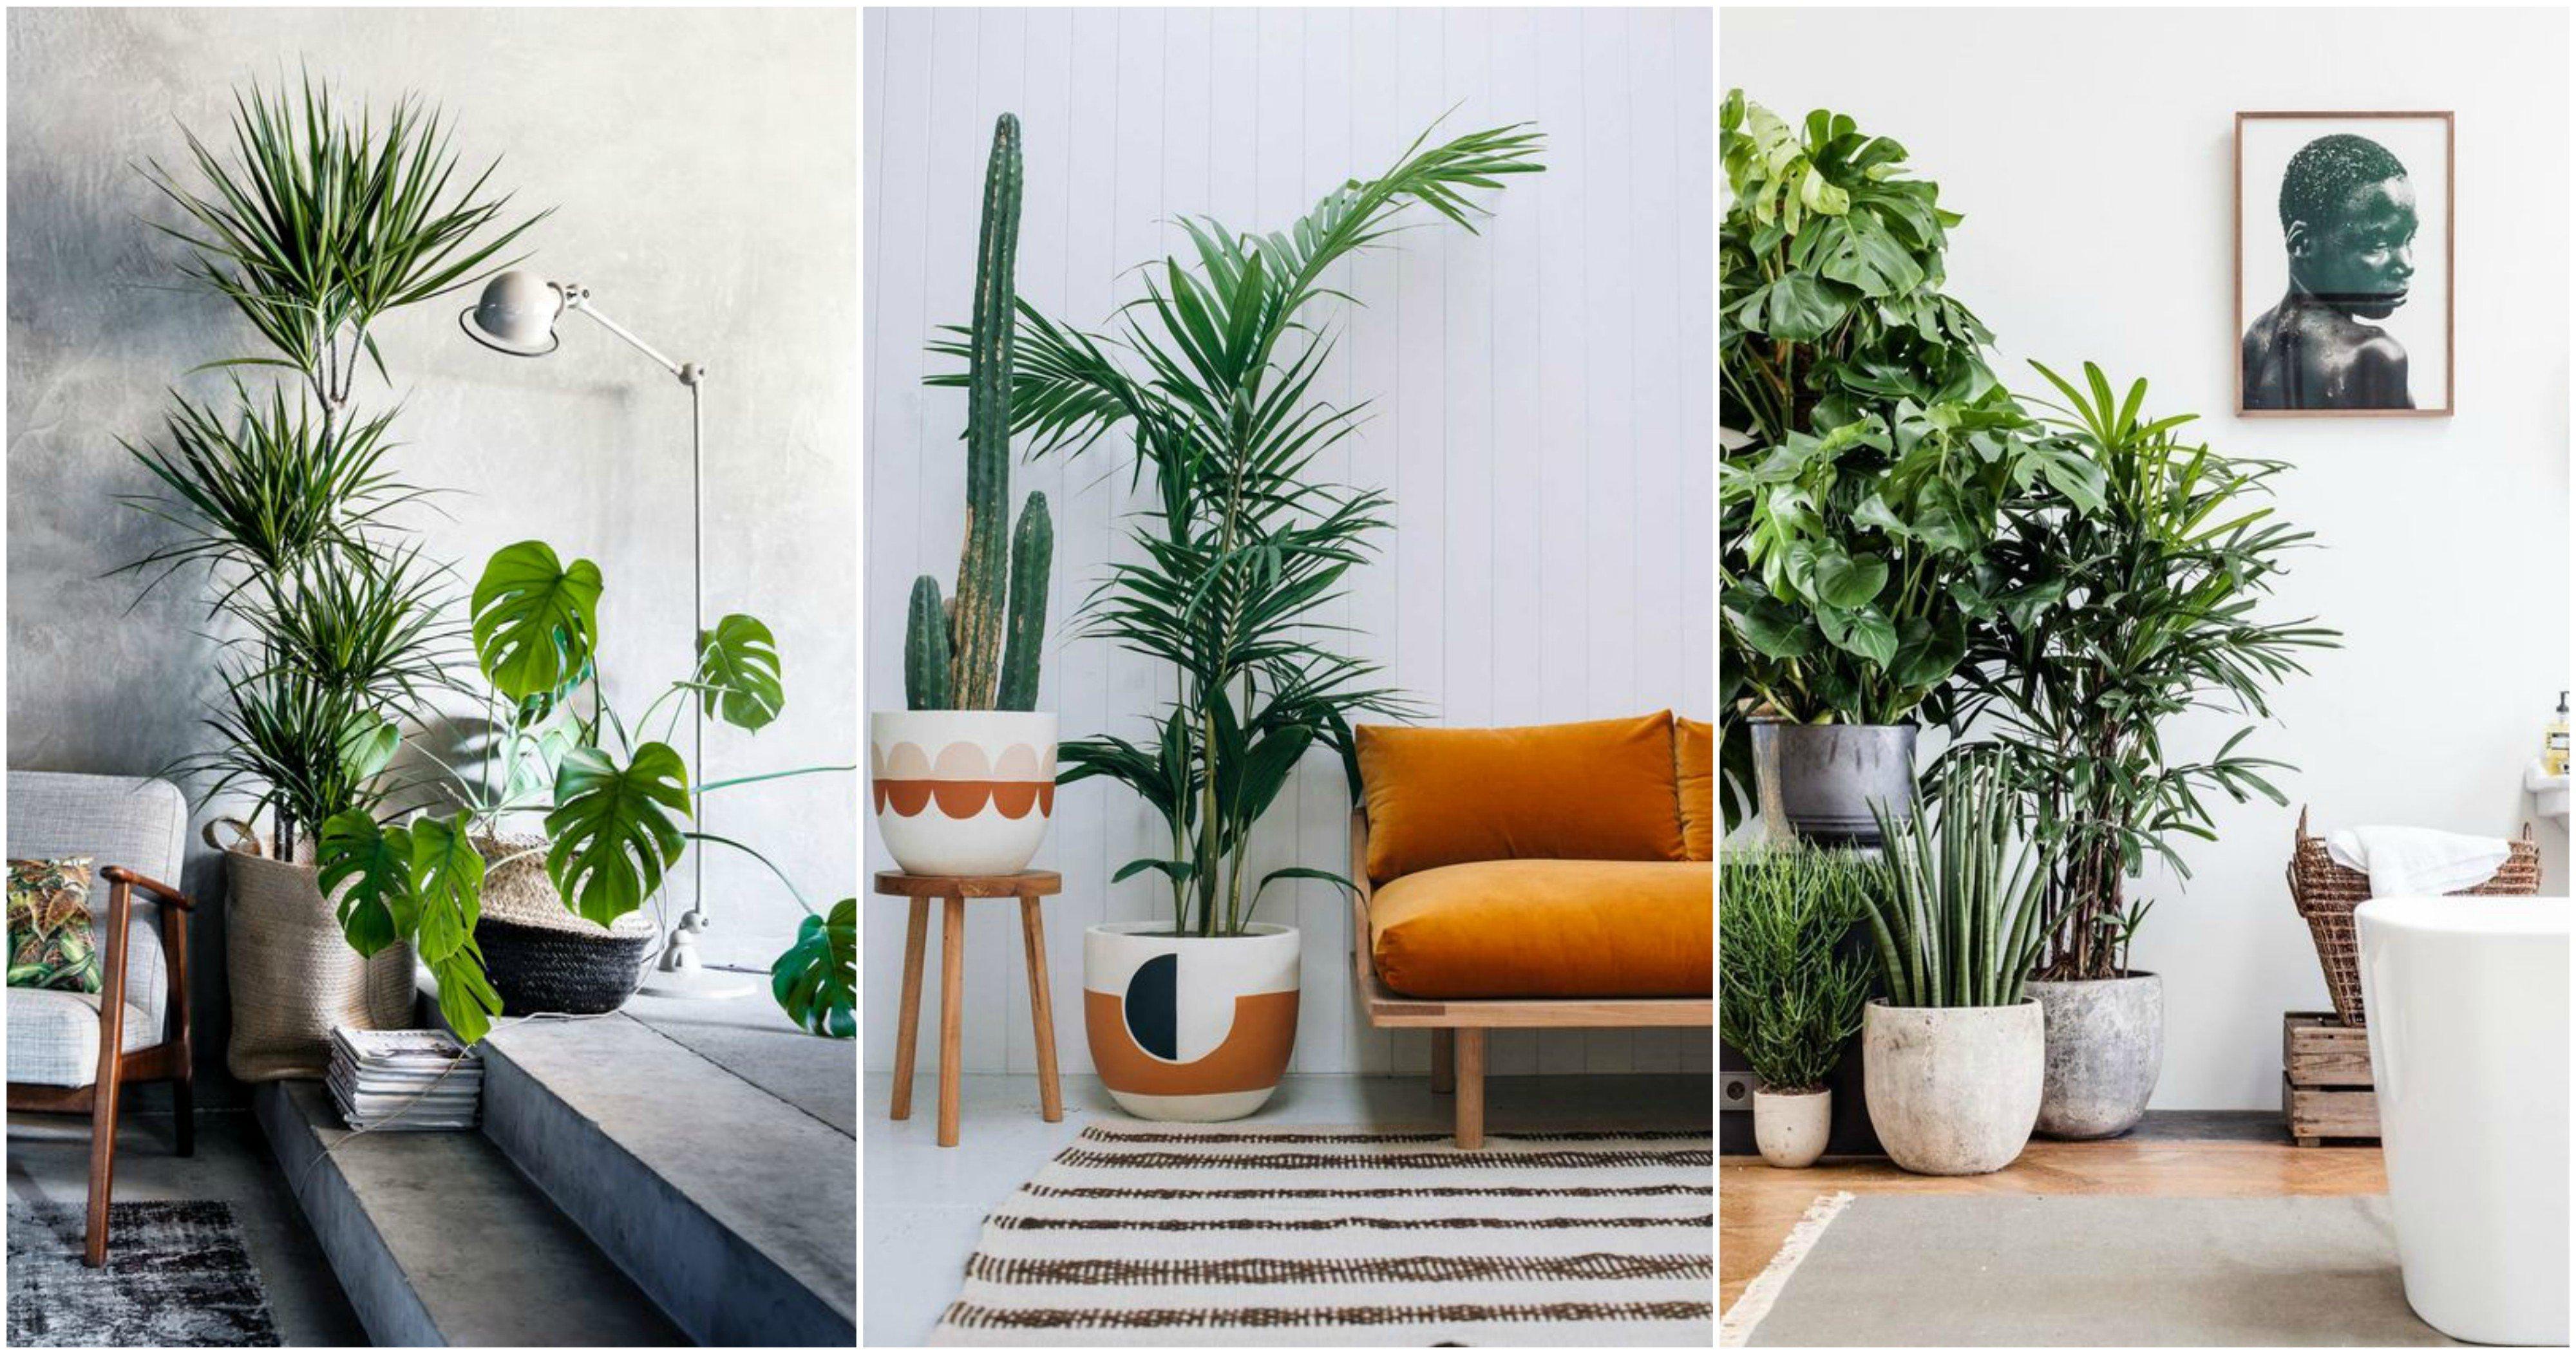 5x kamerplanten die weinig water nodig hebben.